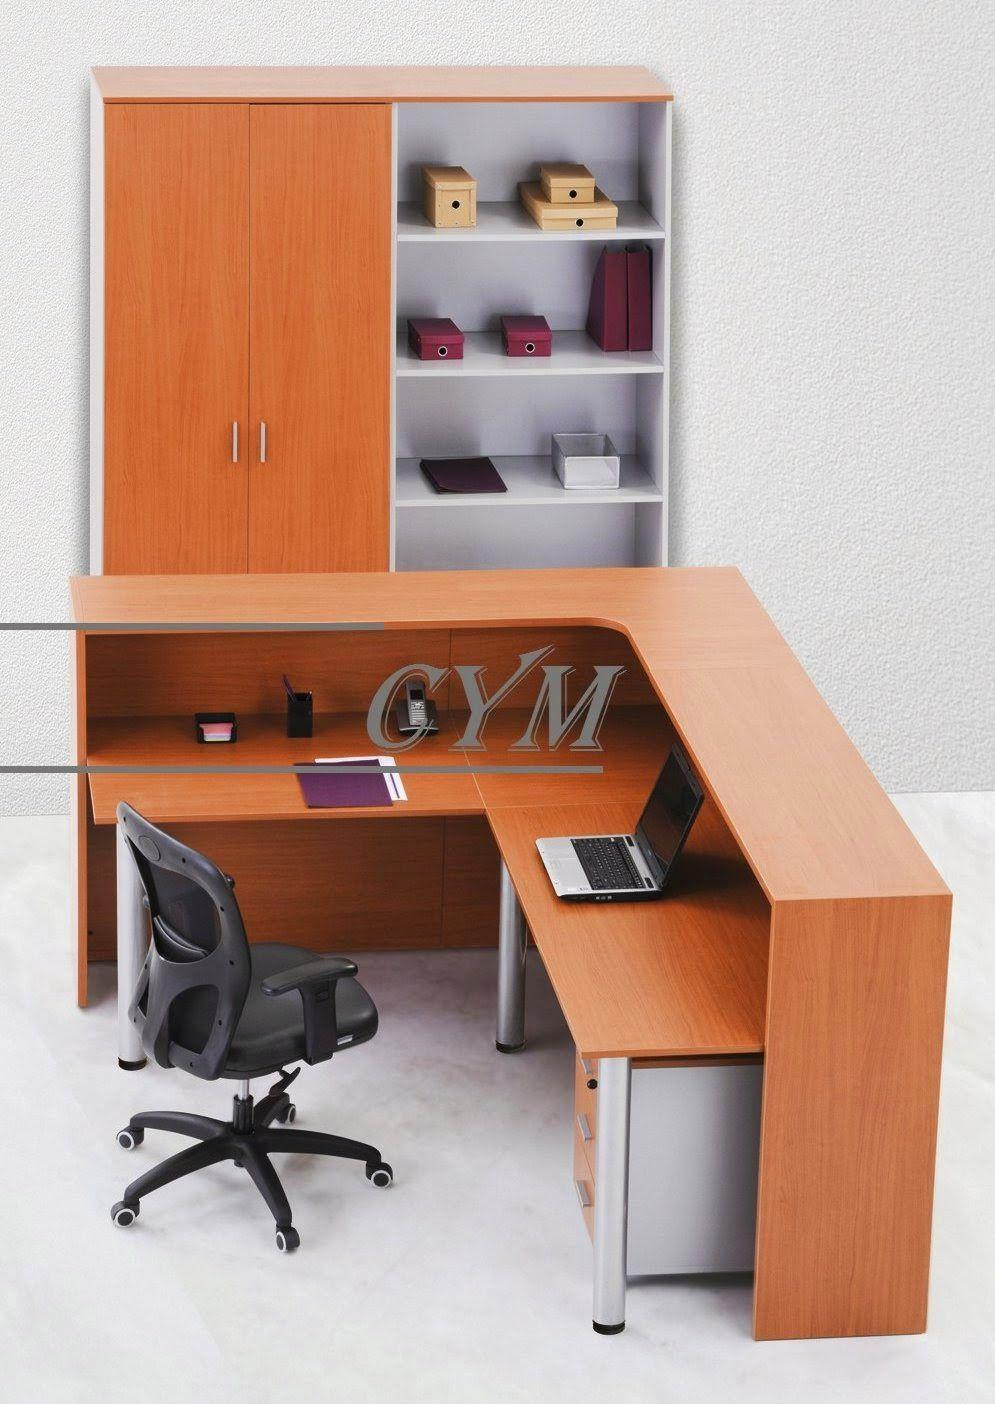 21 Ideas De Muebles De Oficina Muebles De Oficina Muebles Escritorios